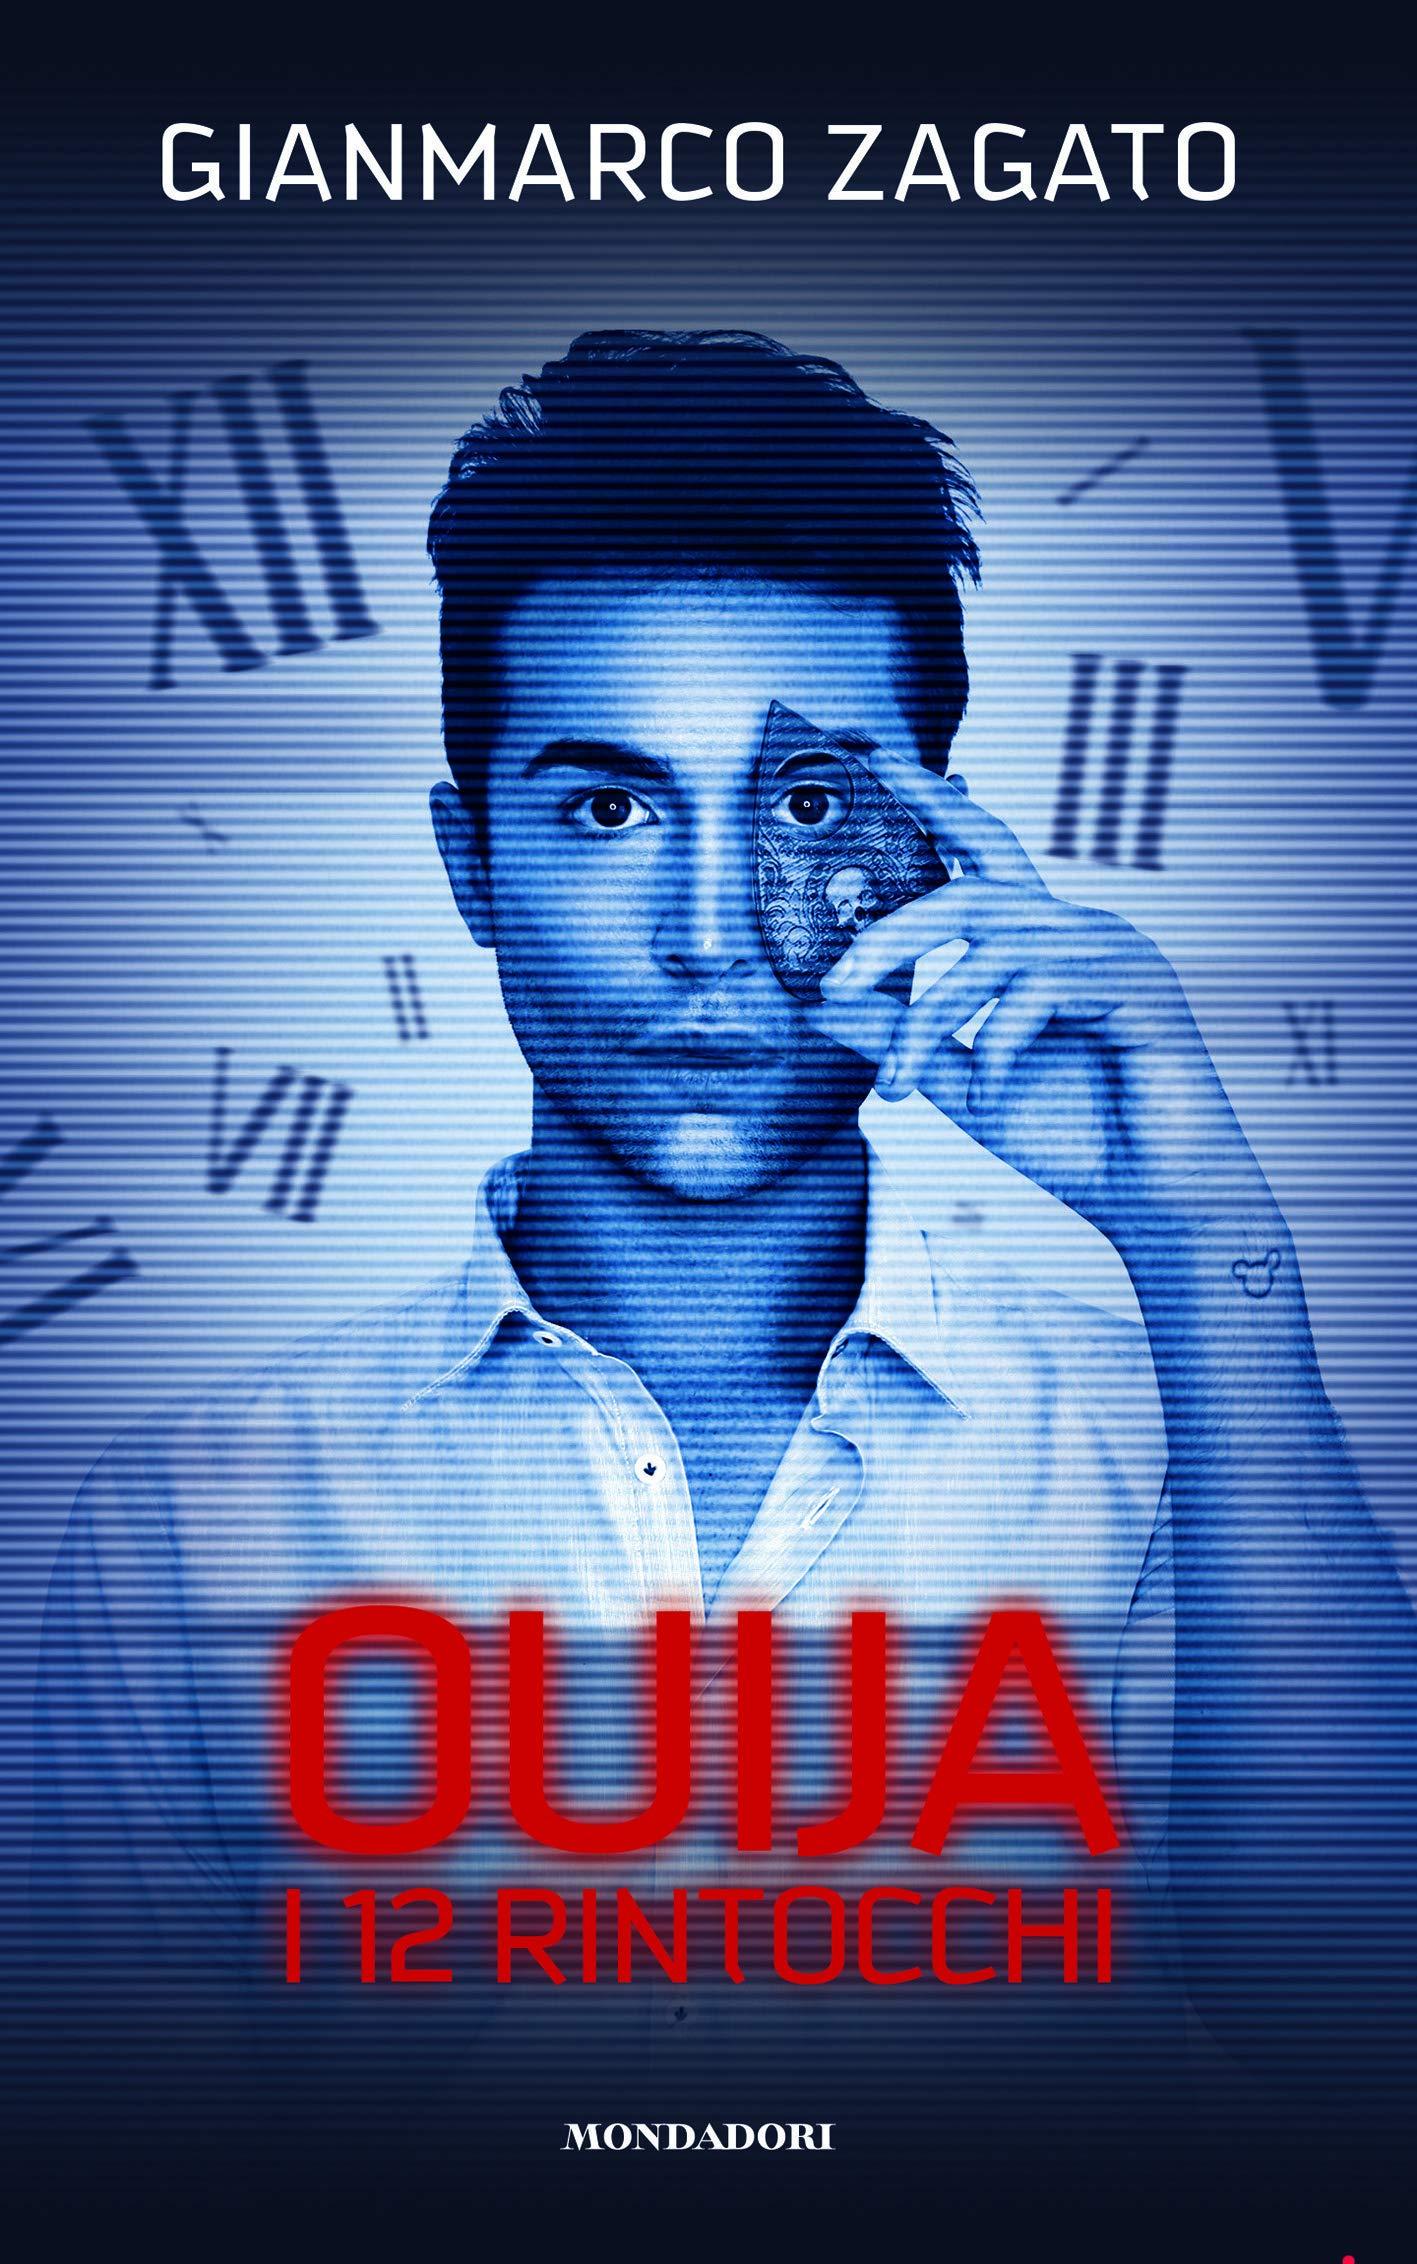 Amazon.it  Ouija. I 12 rintocchi - Gianmarco Zagato - Libri 81231181711